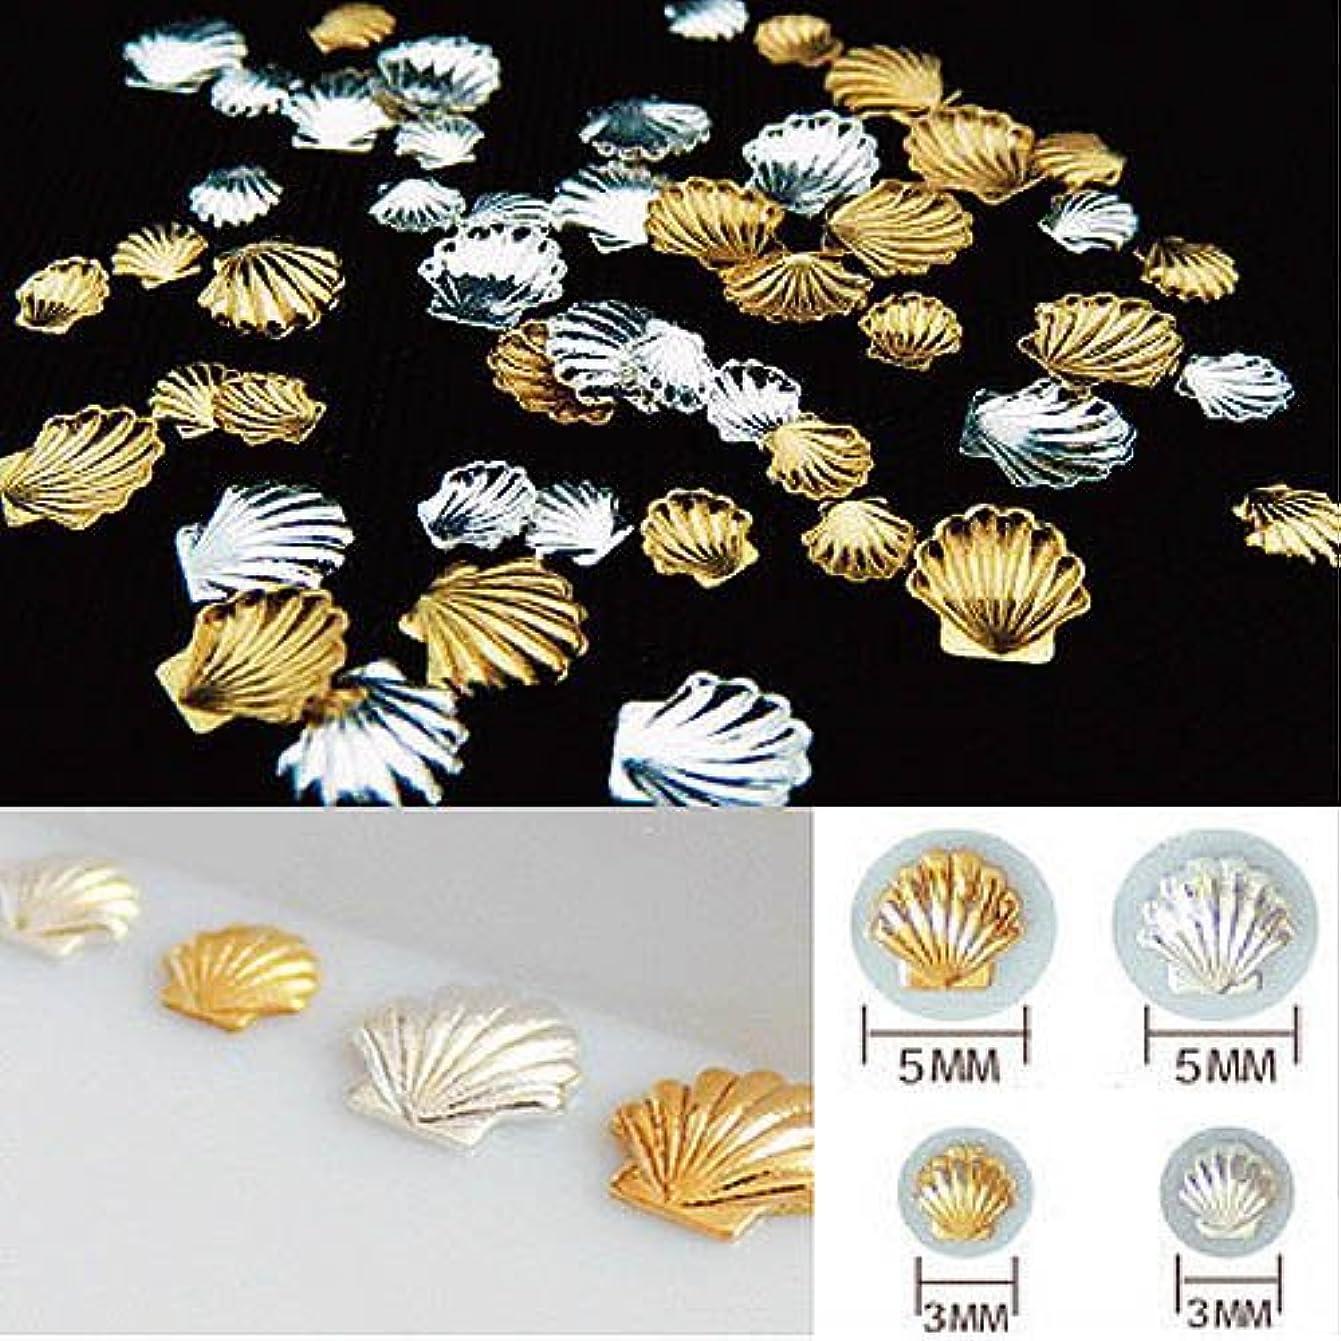 回転音色貝殻モチーフ マリン パーツ チャーム 金属パーツ メタルシェル 48個(ゴールド&シルバー、3mm&5mm 各12個)セット